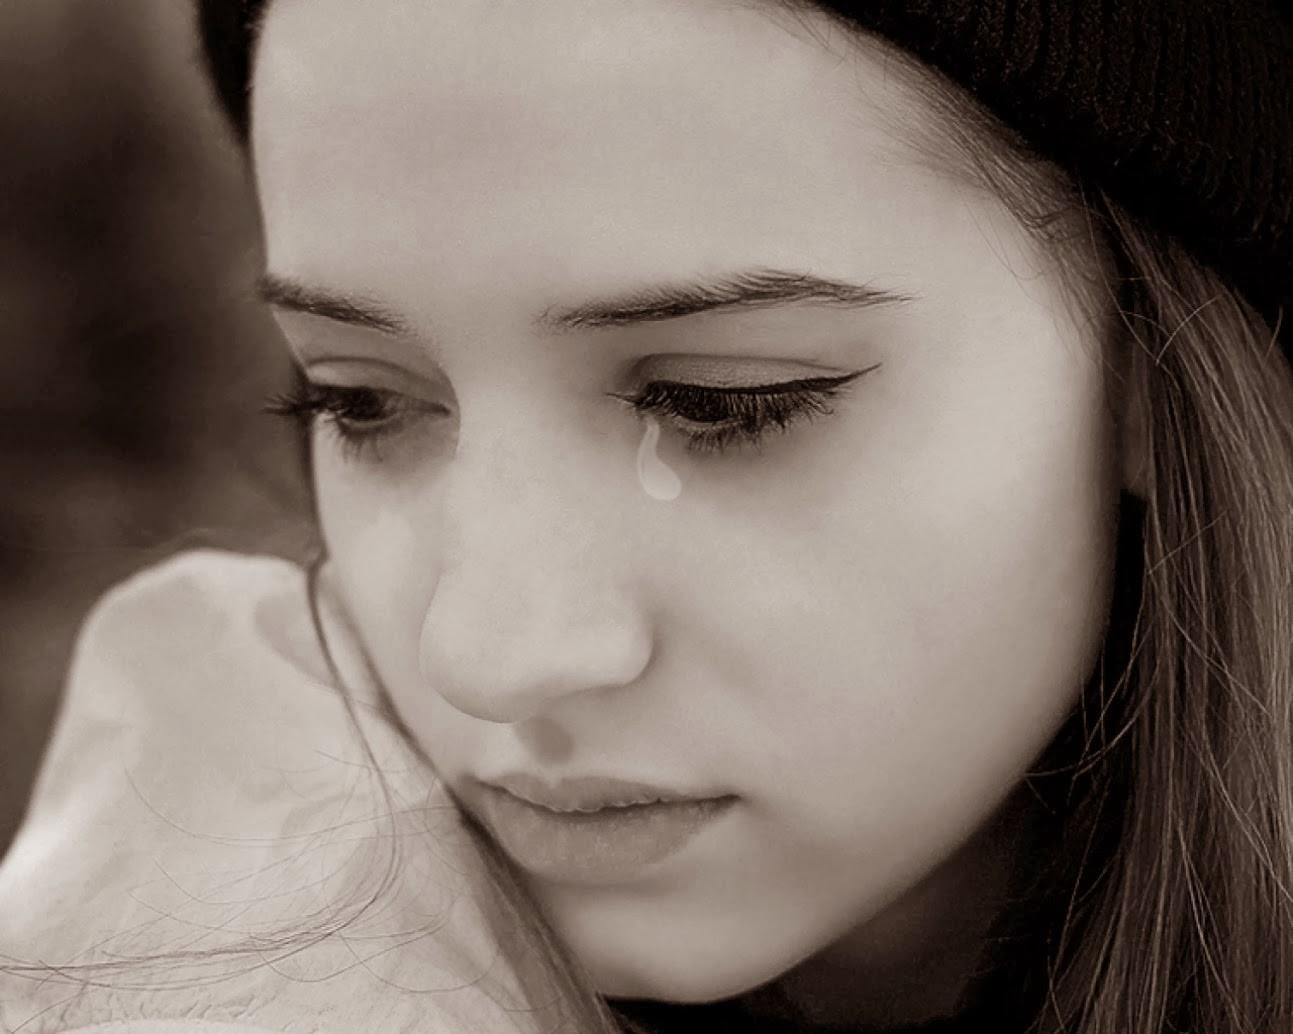 صورة صور شخصيه حزينه , صور حزينه تدمع العين 11473 6